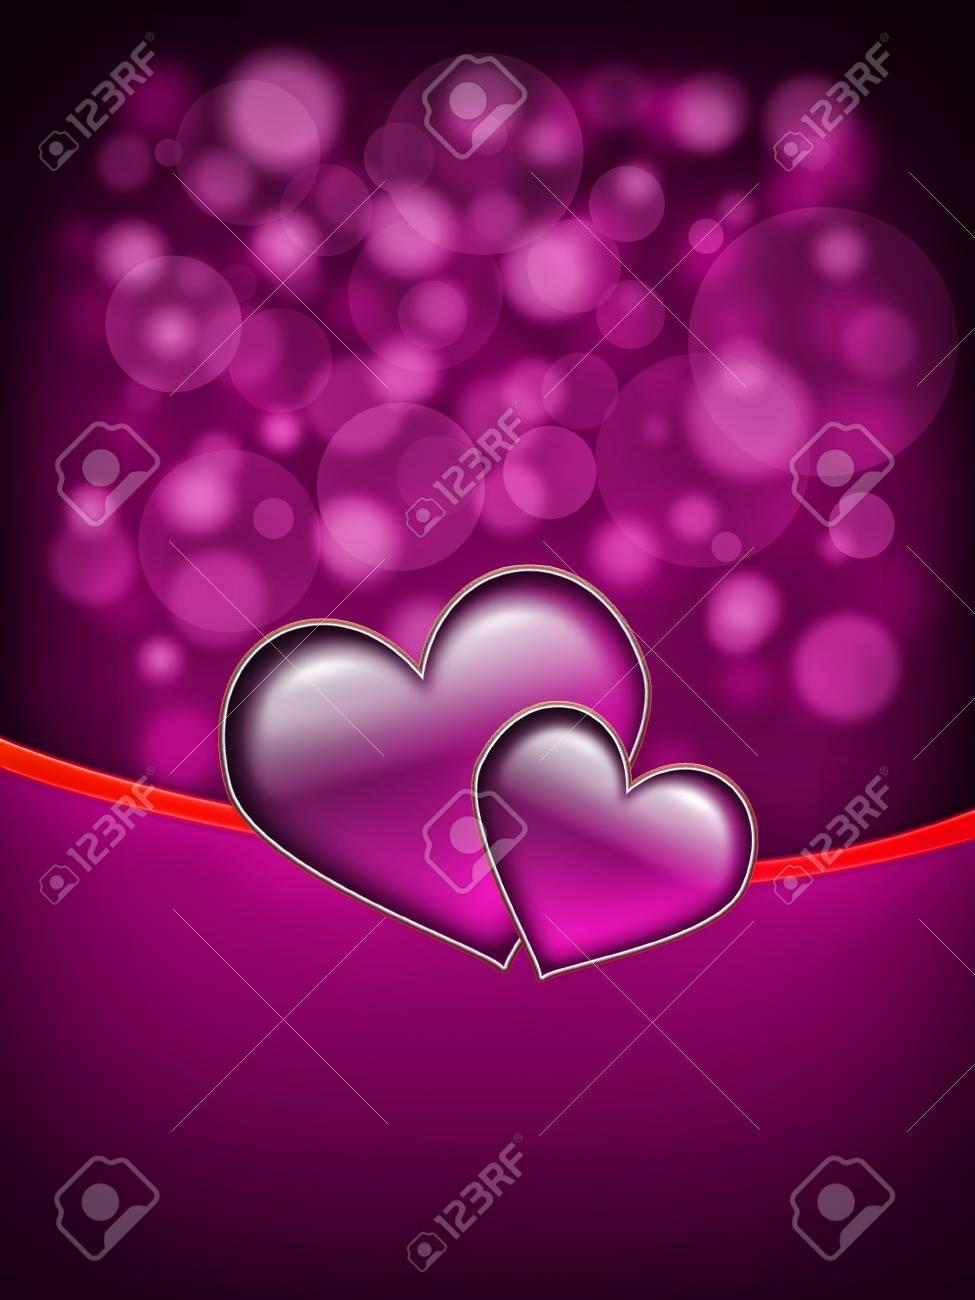 Tarjeta Del Día De San Valentín Con Dos Corazones Grandes Todo En